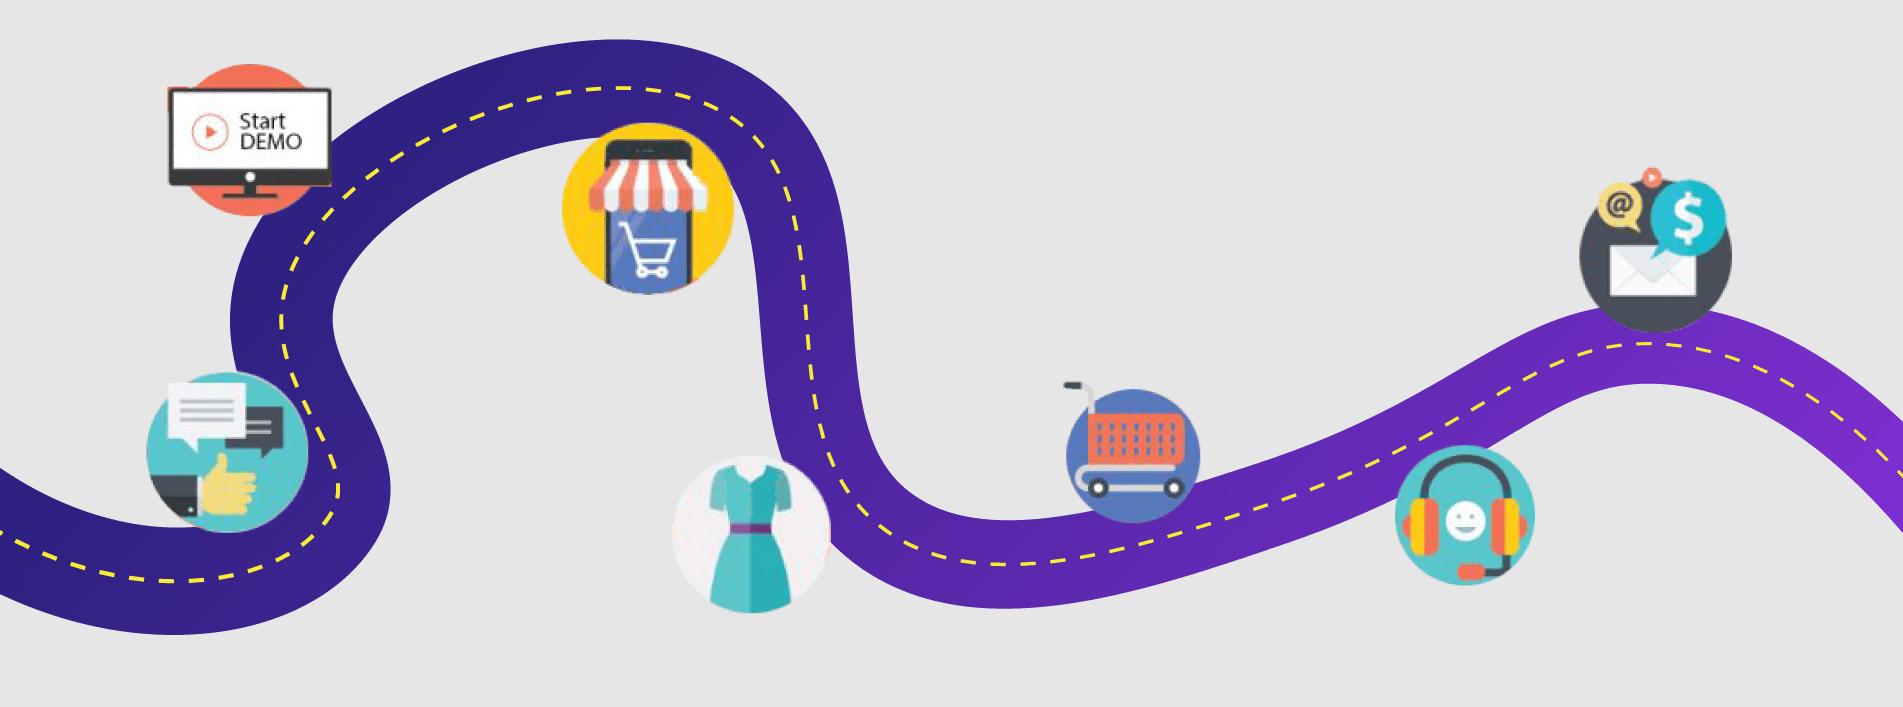 Hành trình khách hàng trong Digital Marketing